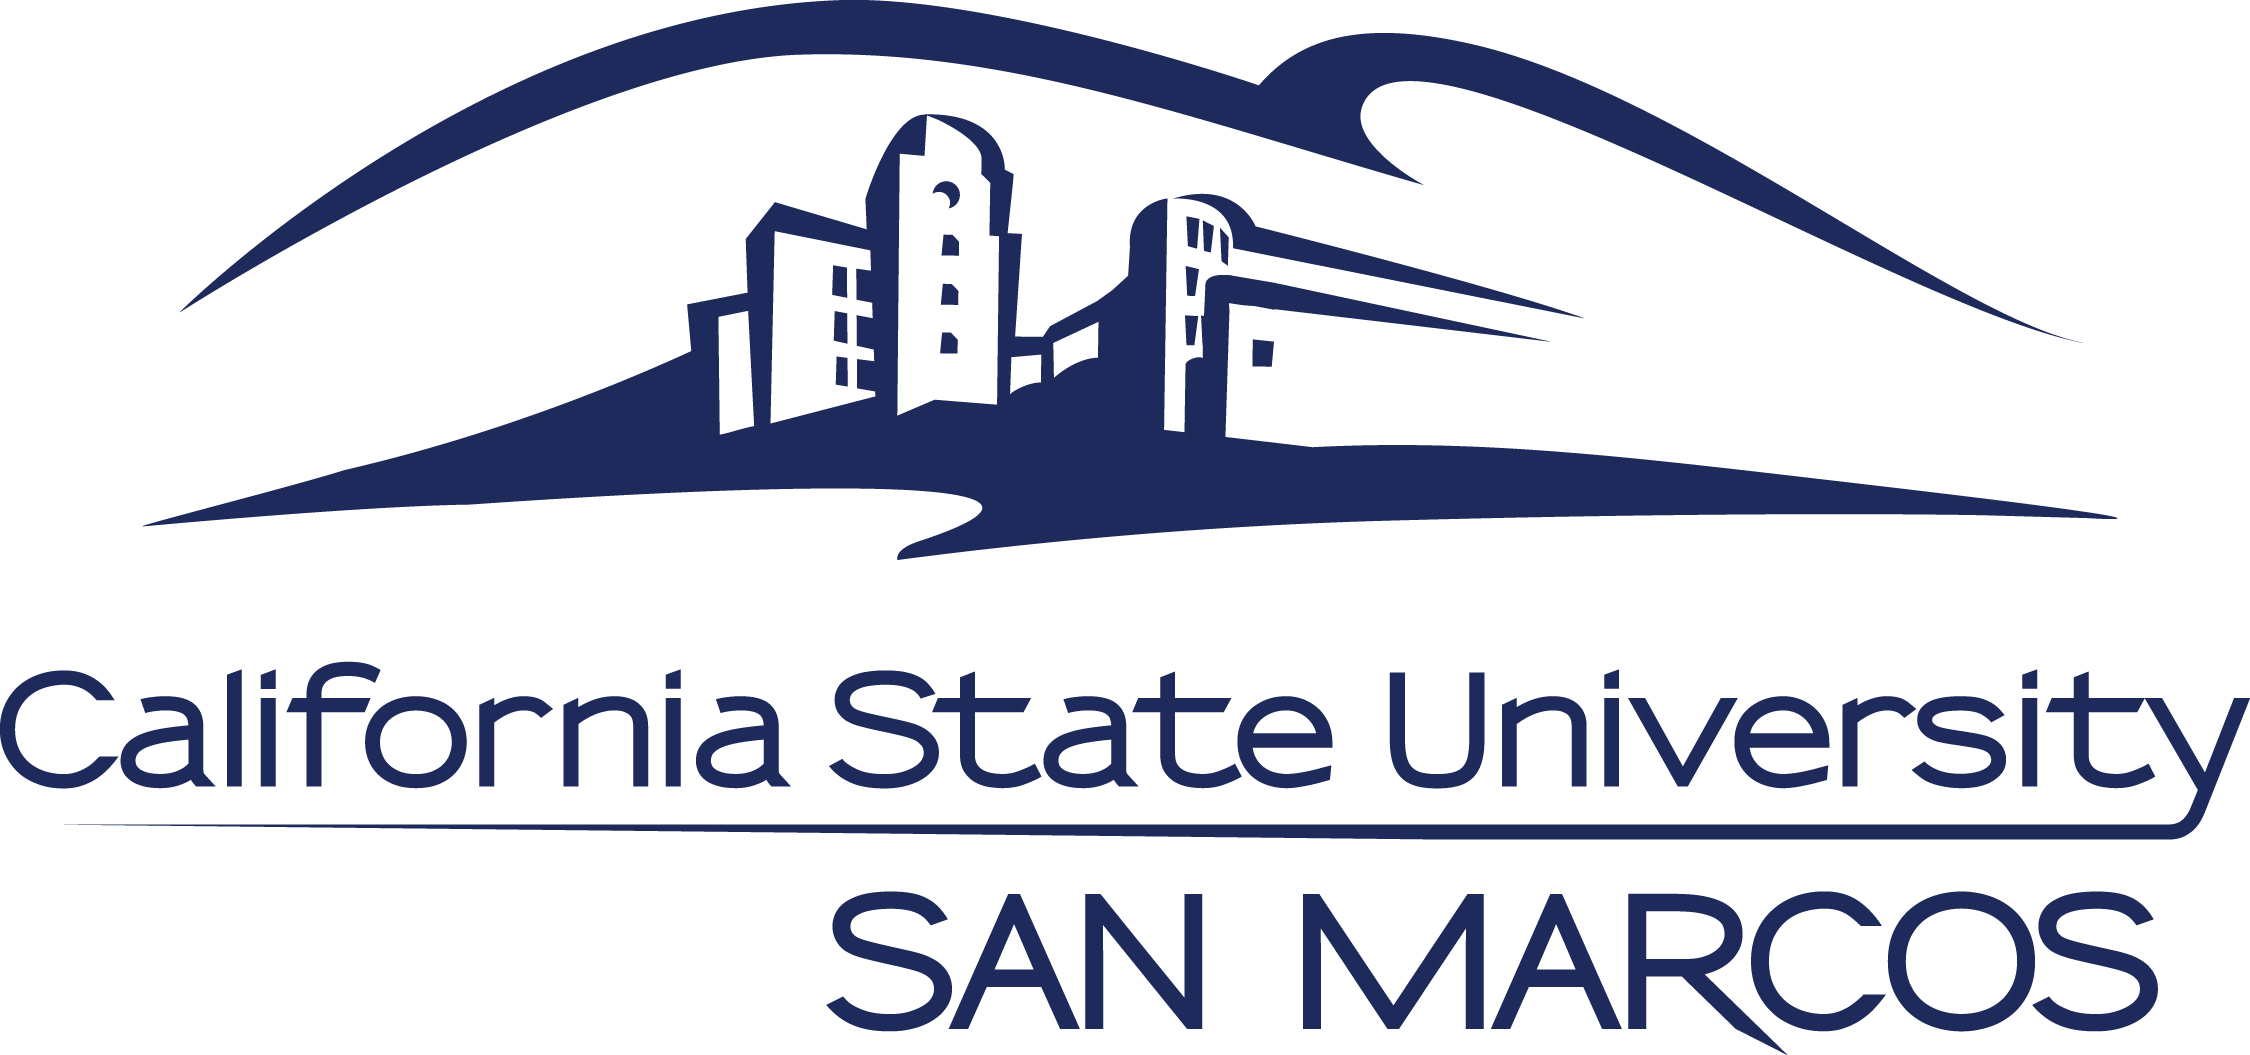 Kết quả hình ảnh cho California State University San Marcos